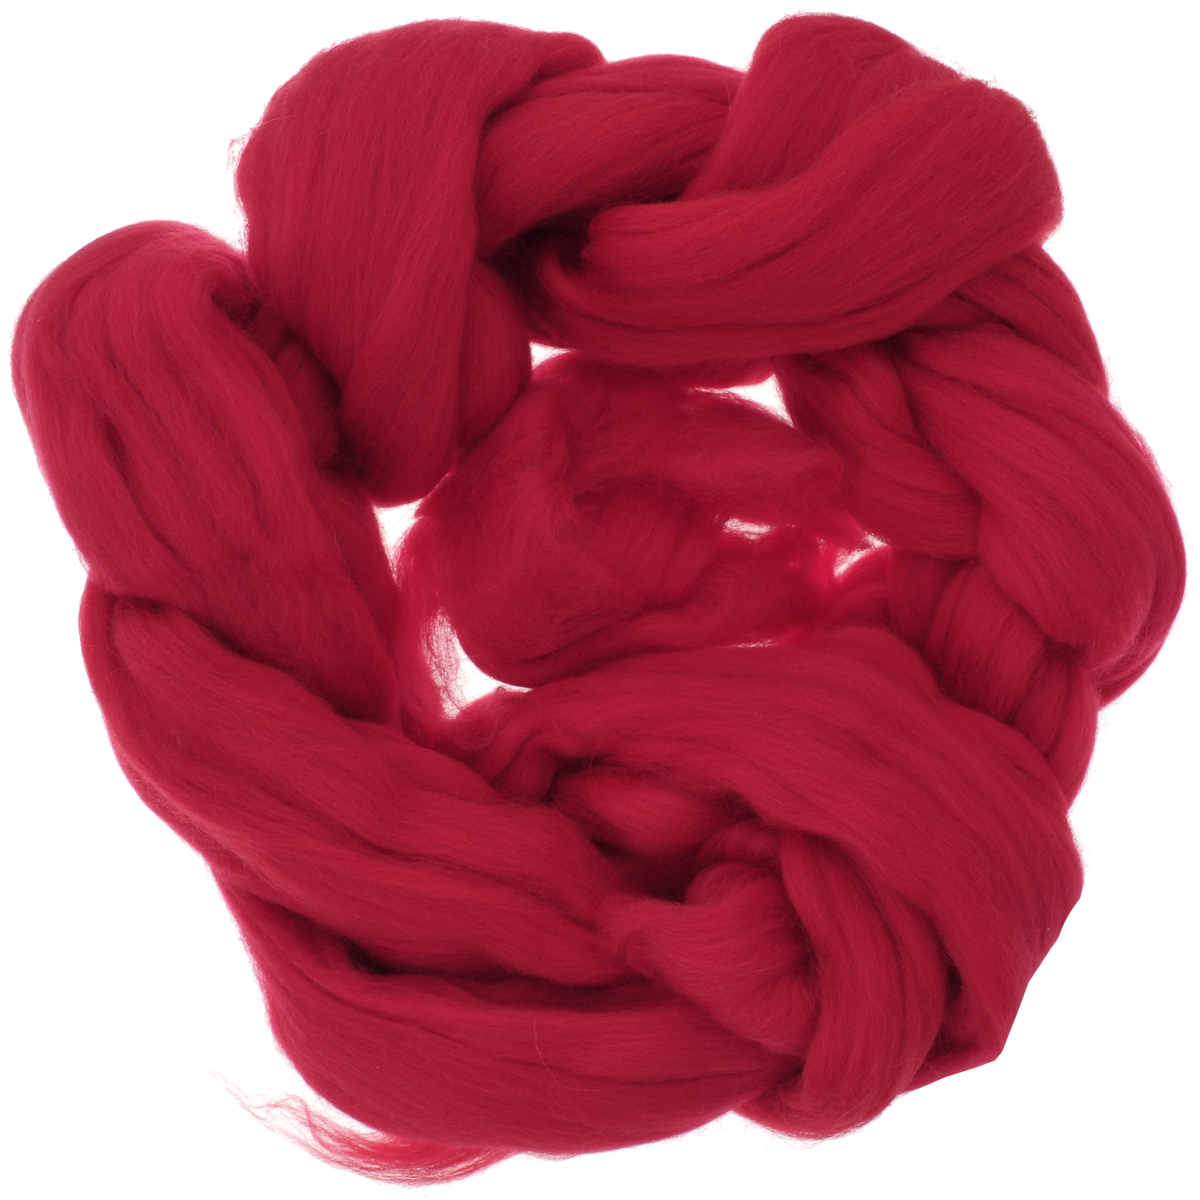 Шерсть для валяния Астра, тонкая, цвет: красный (0042), 100 г шарп лори игрушки и зверушки своими руками техника валяния шерсти